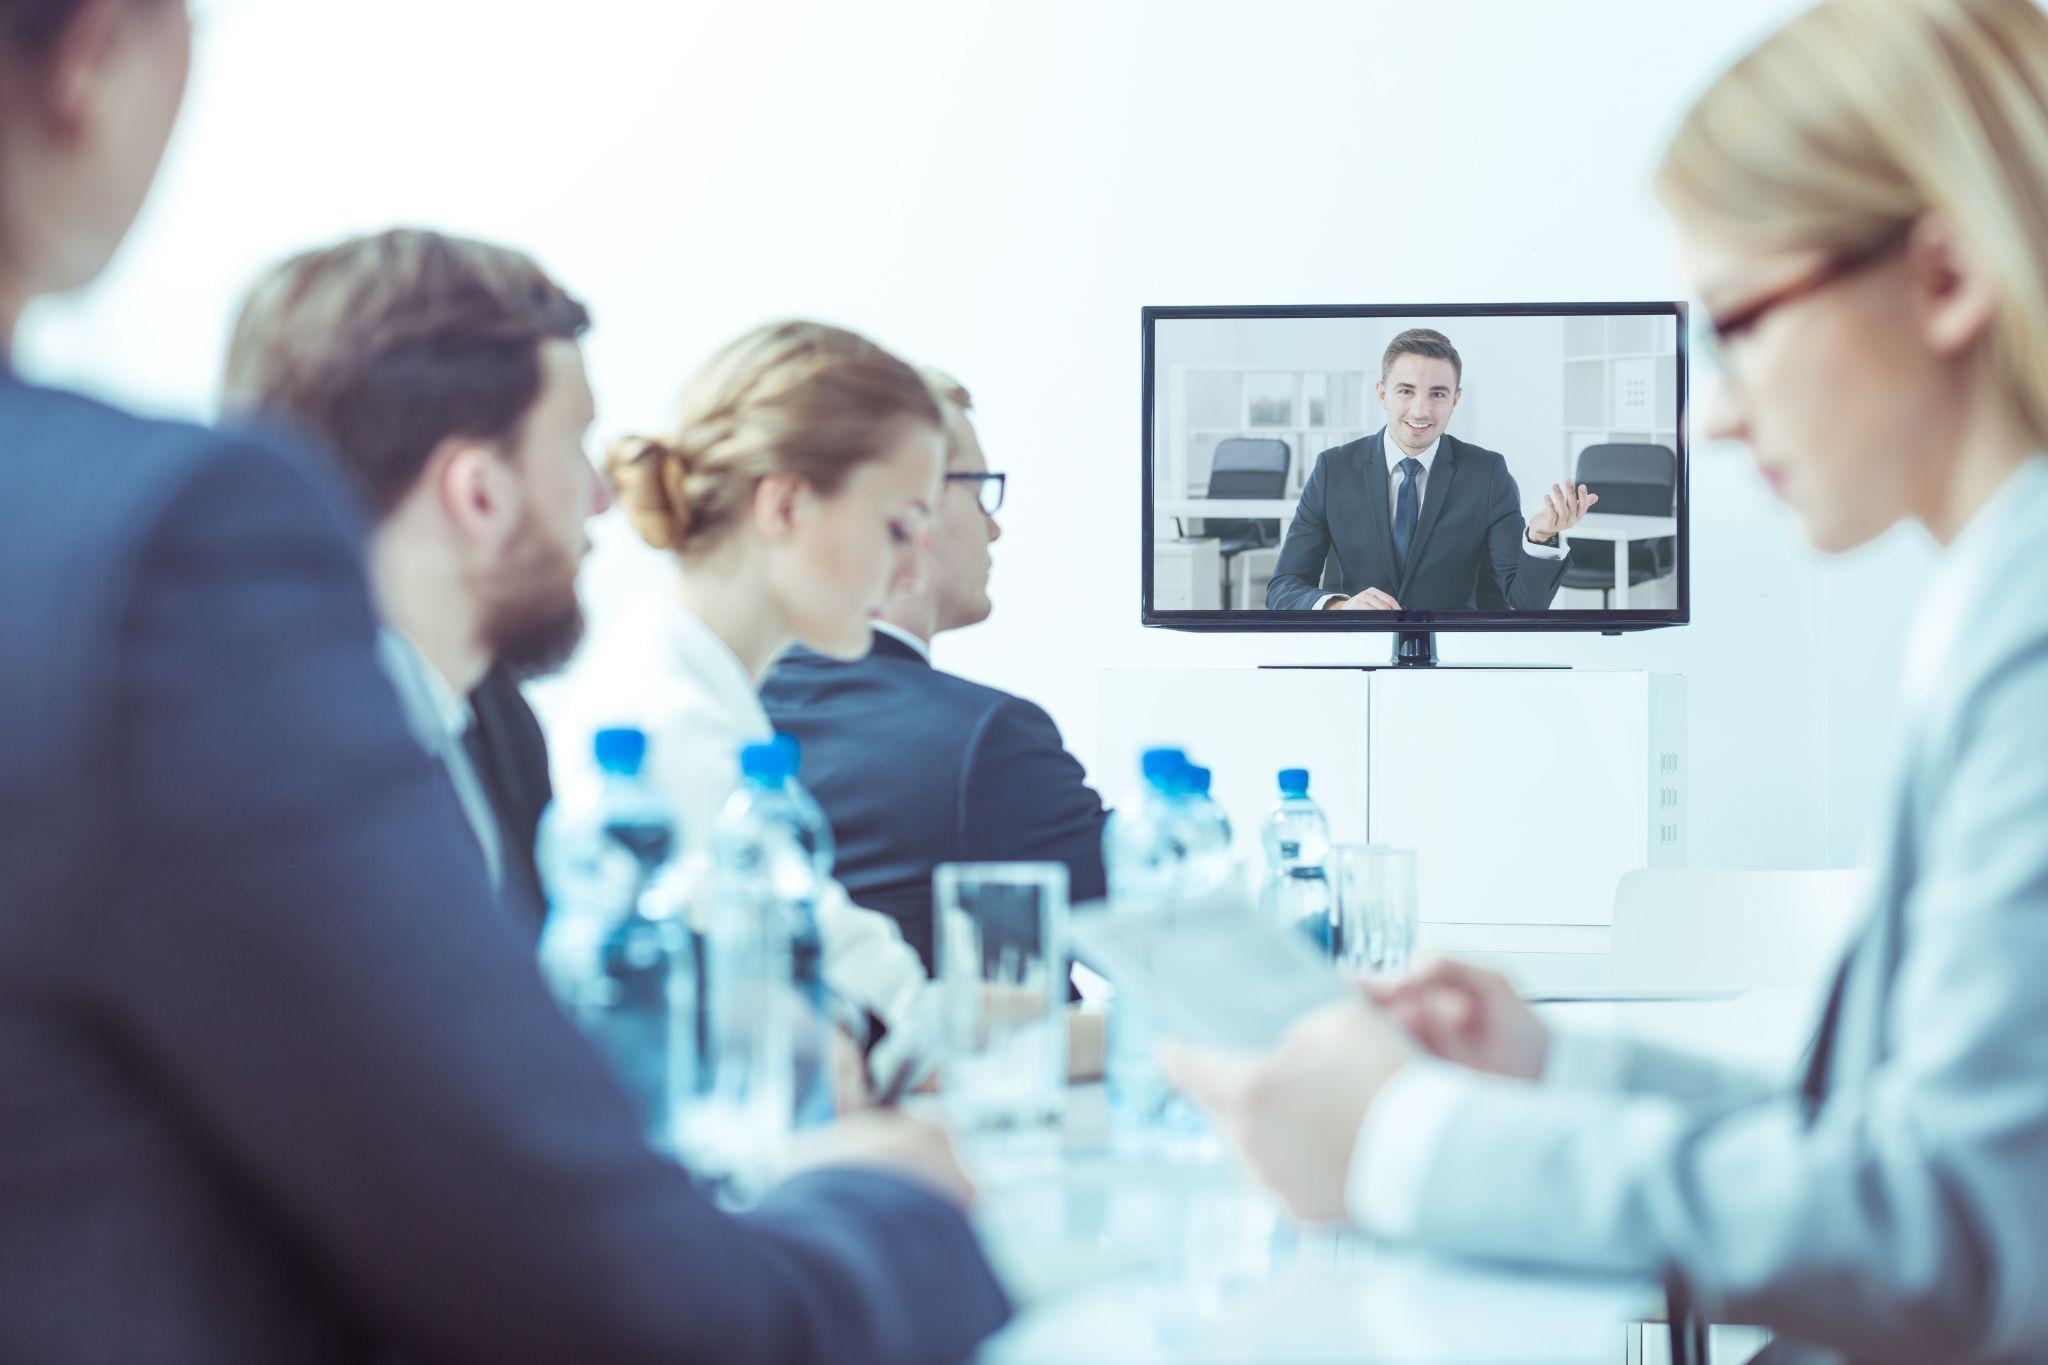 Видеоконференция в офисе